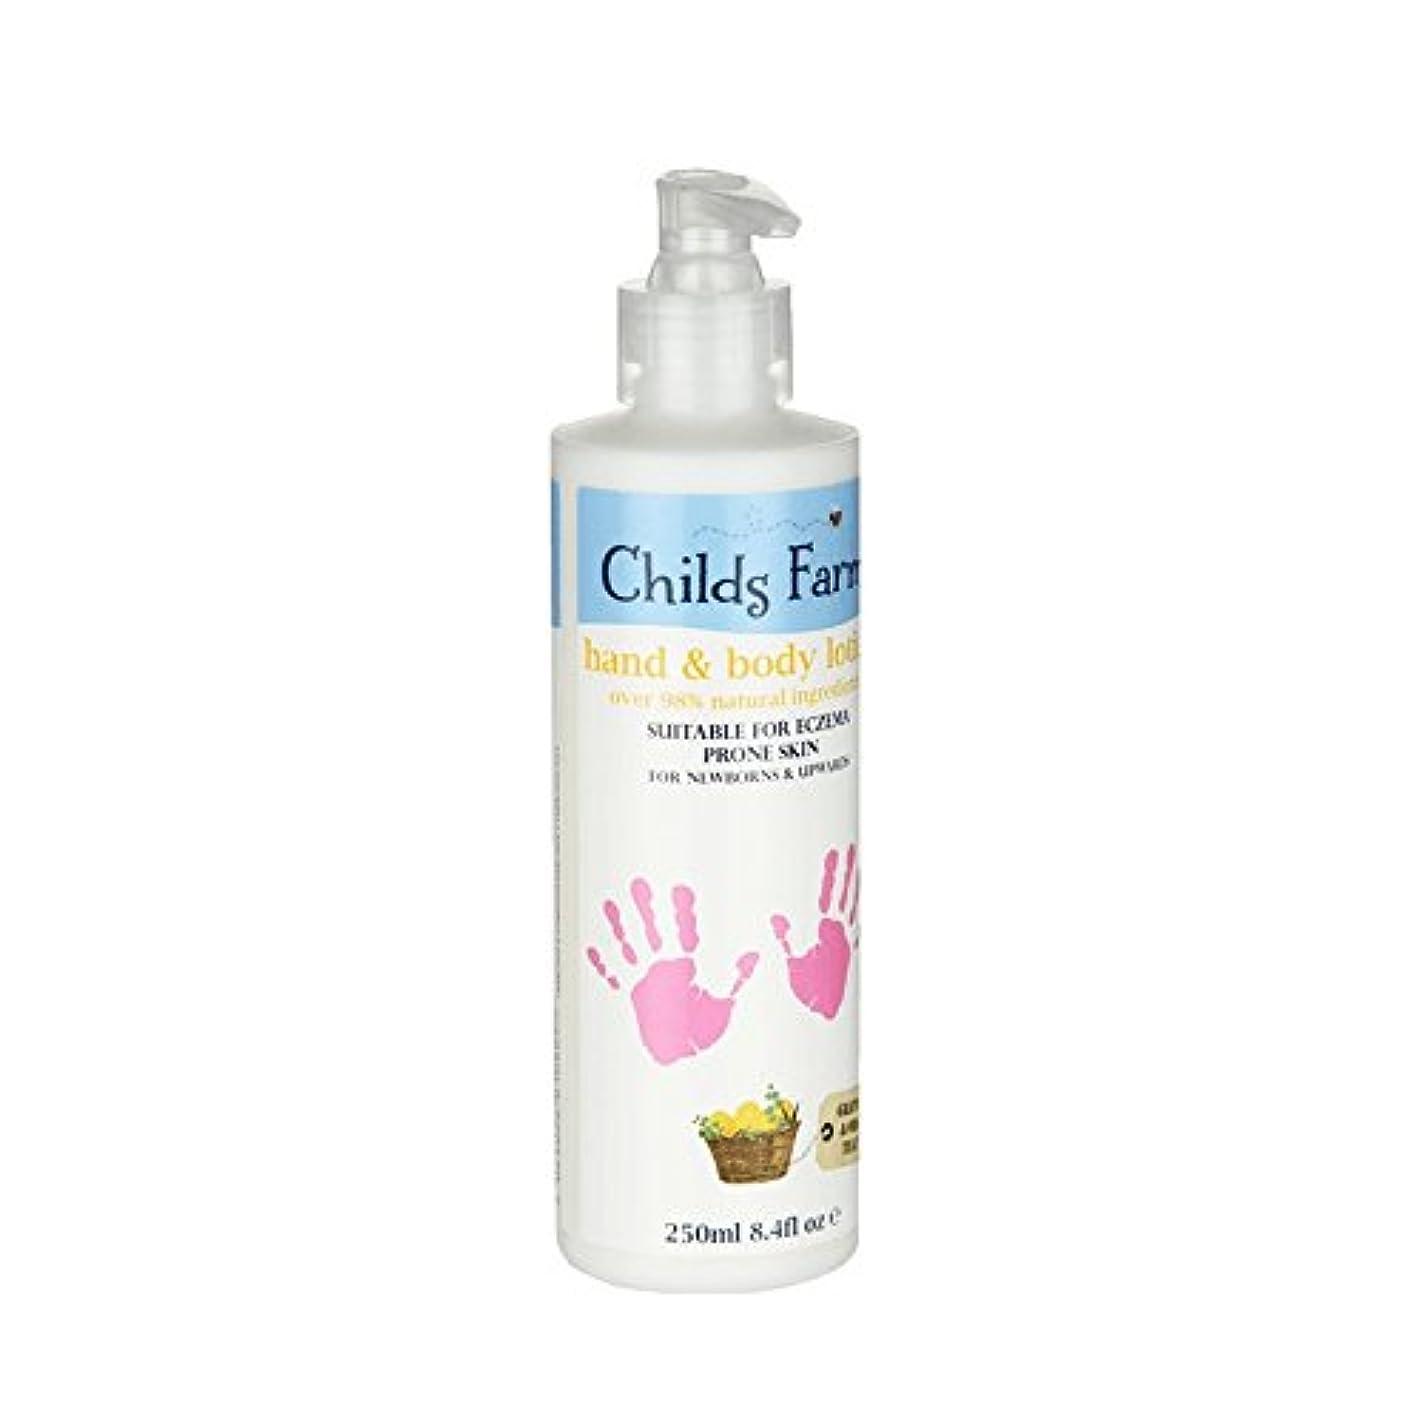 代わりに樹皮圧倒する絹のような肌の250ミリリットルのためのチャイルズファームハンド&ボディローション - Childs Farm Hand & Body Lotion for Silky Skin 250ml (Childs Farm) [並行輸入品]